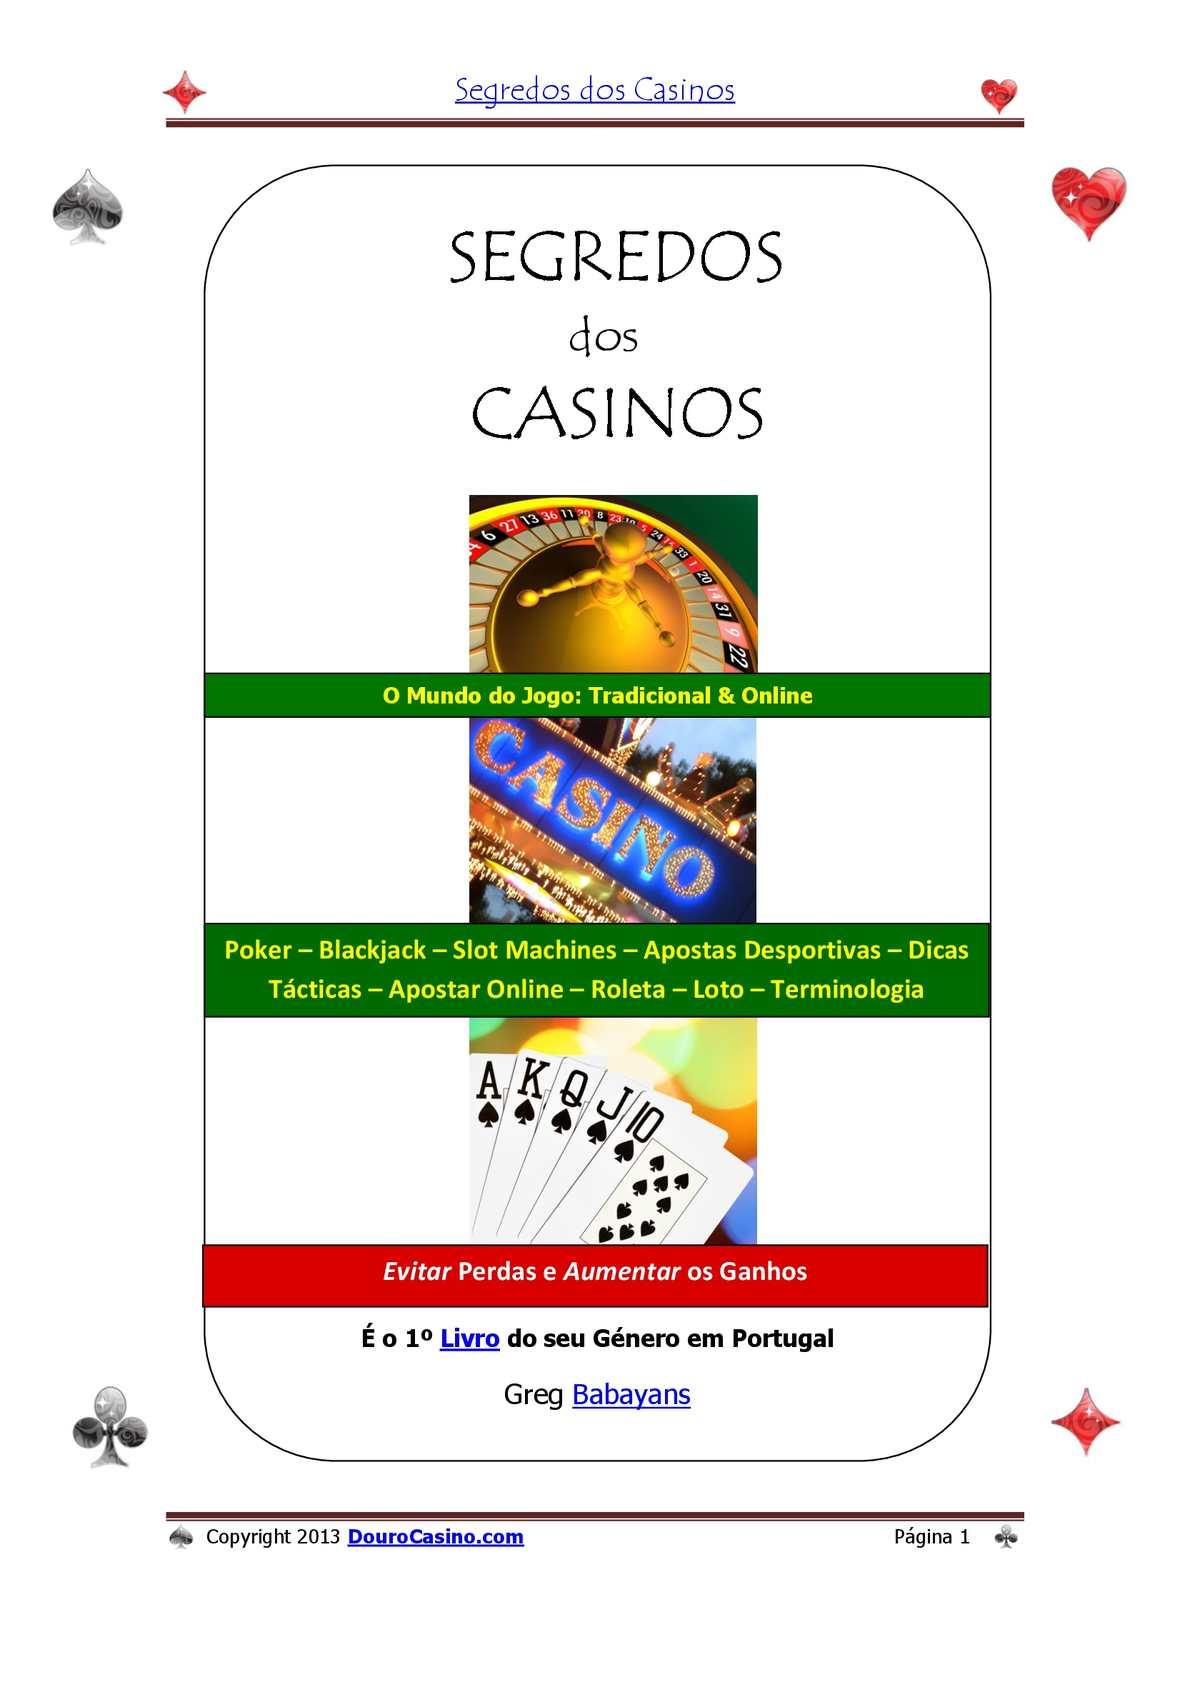 Deuses casino nomes 29760